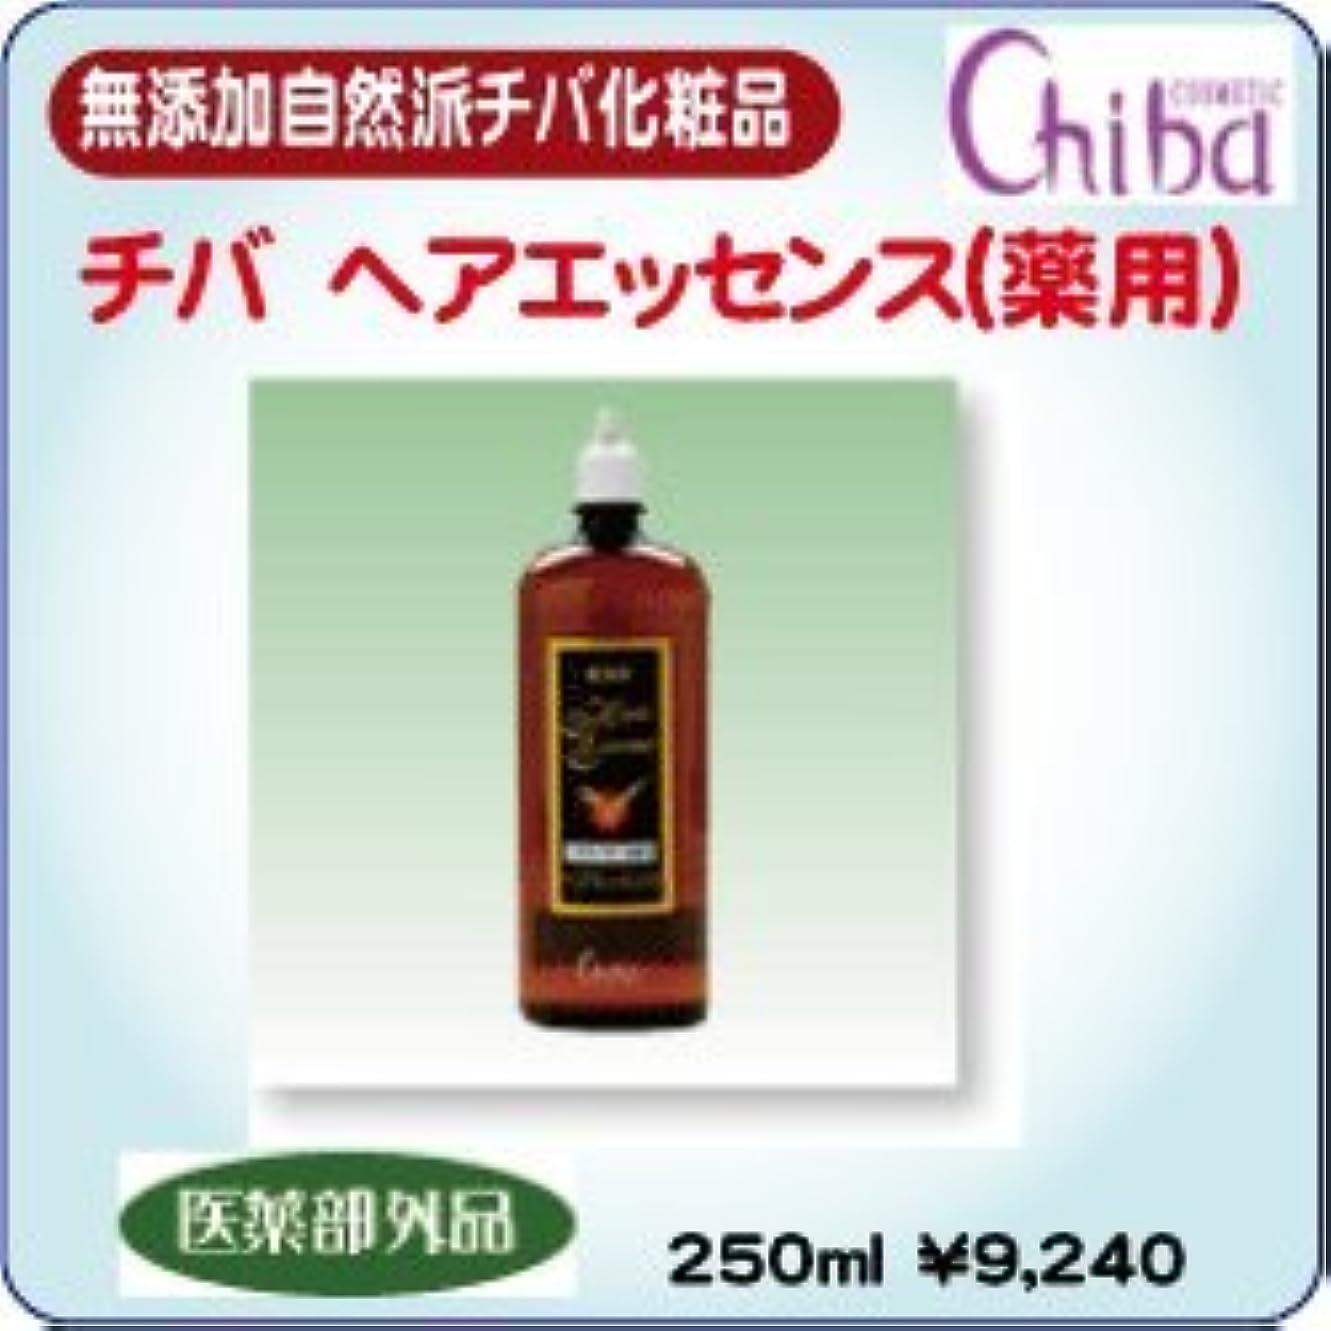 プラスチックモンク娘チバ ヘアエッセンス(薬用)250ml